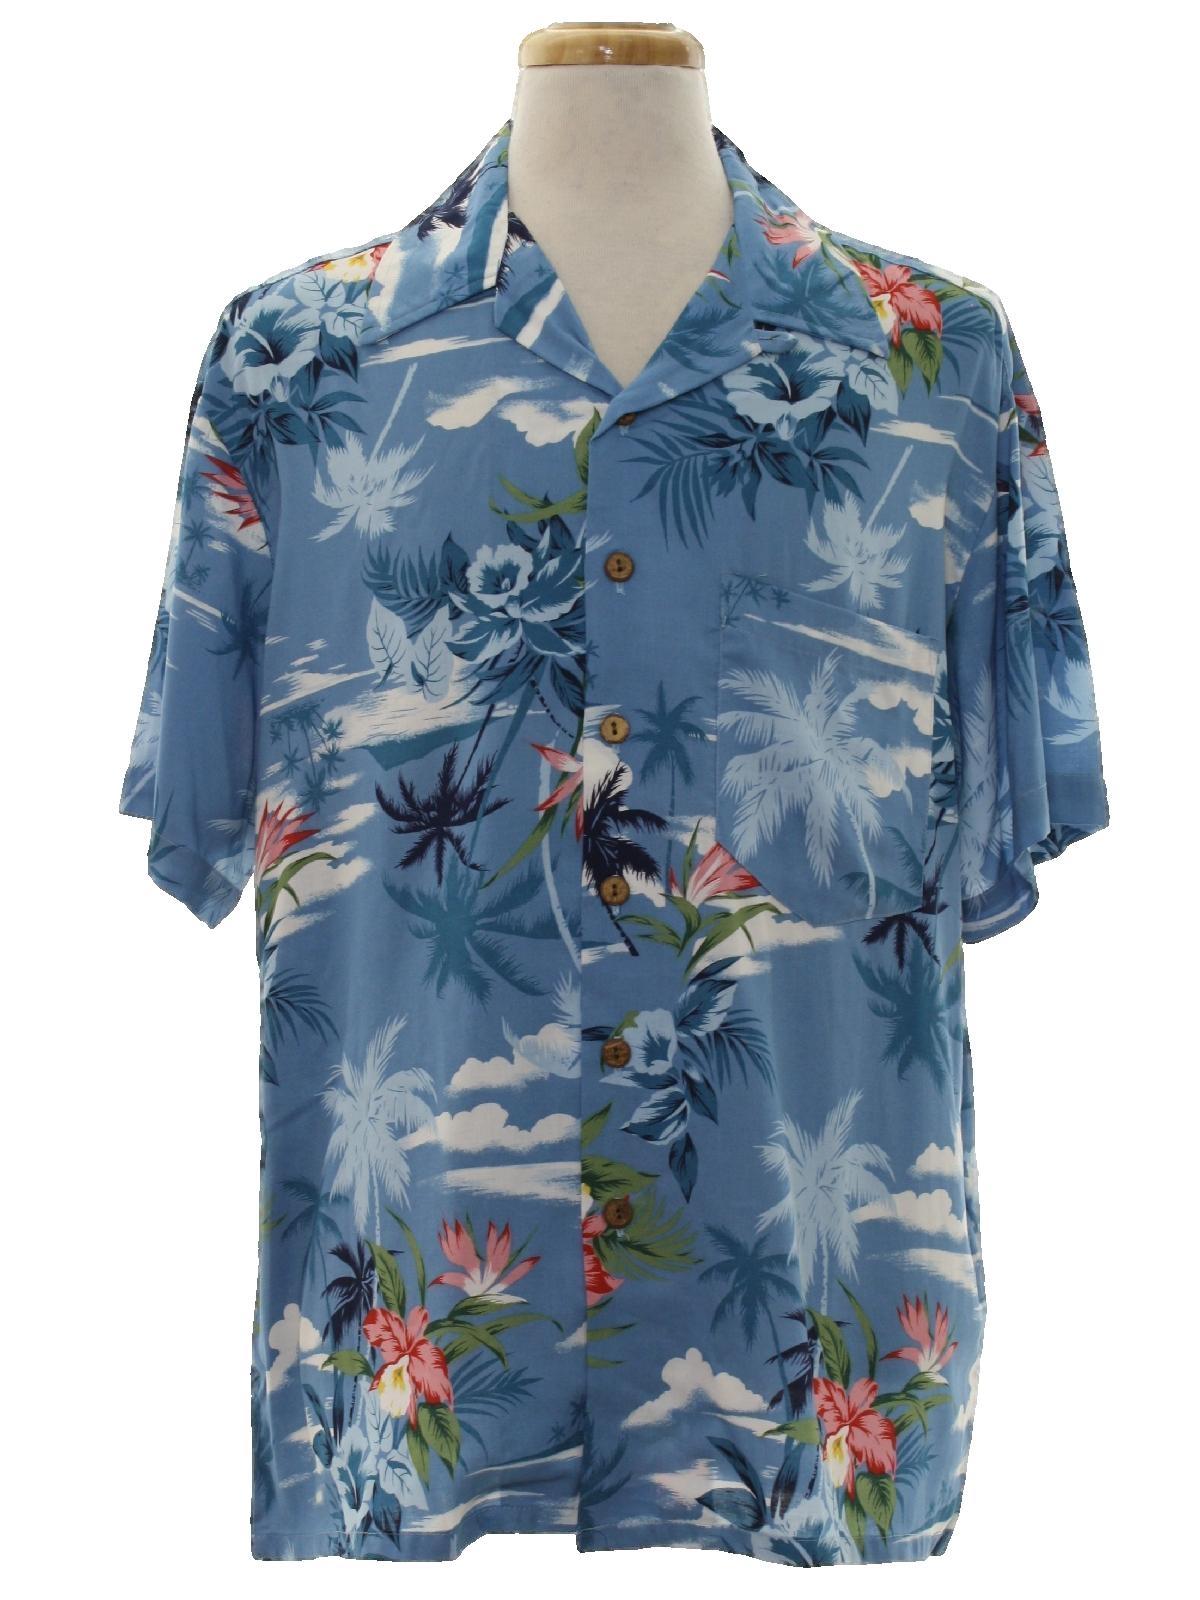 27ee670c Vintage Kennington Ltd. Eighties Hawaiian Shirt: 80s -Kennington Ltd ...